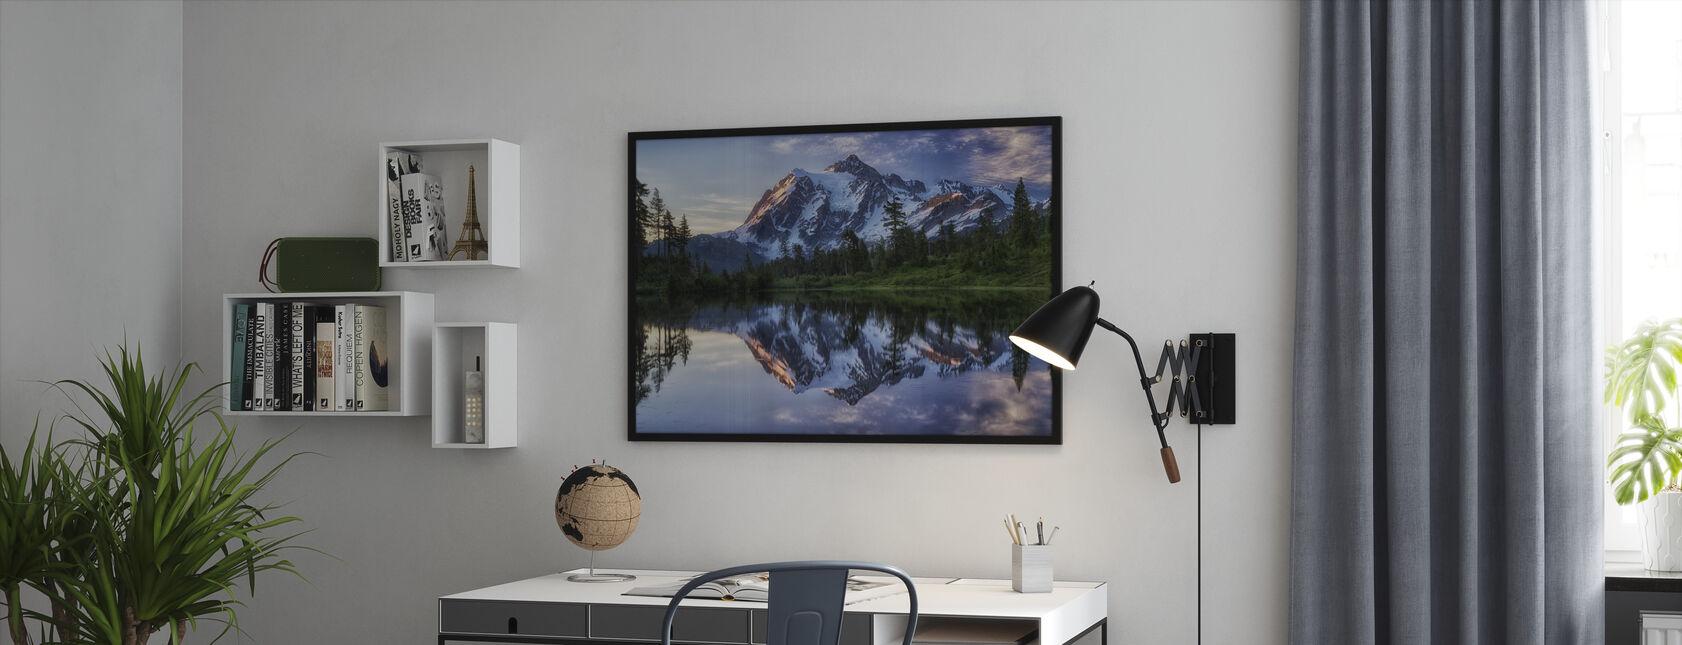 Zonsopgang op Mount Shuksan, Washington, Verenigde Staten - Ingelijste print - Kantoor